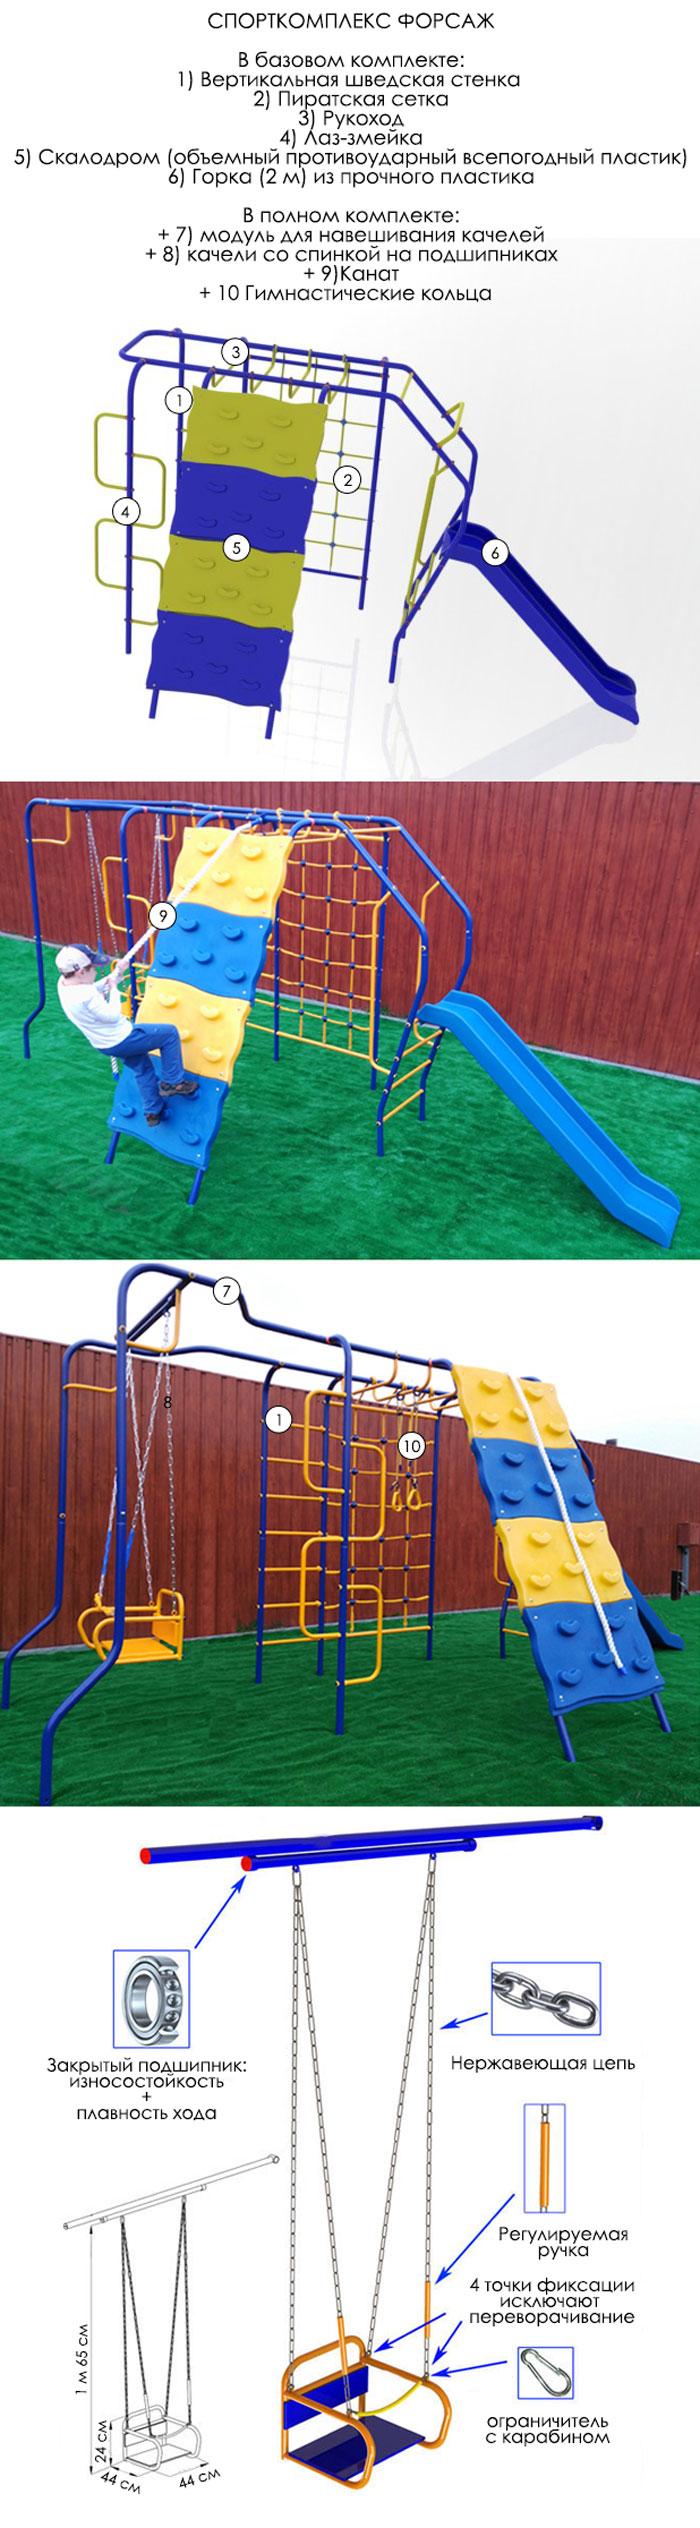 Спортивный комплекс Форсаж для детей уличный ДСК Веселый непоседа в базовом и расширенном варианте